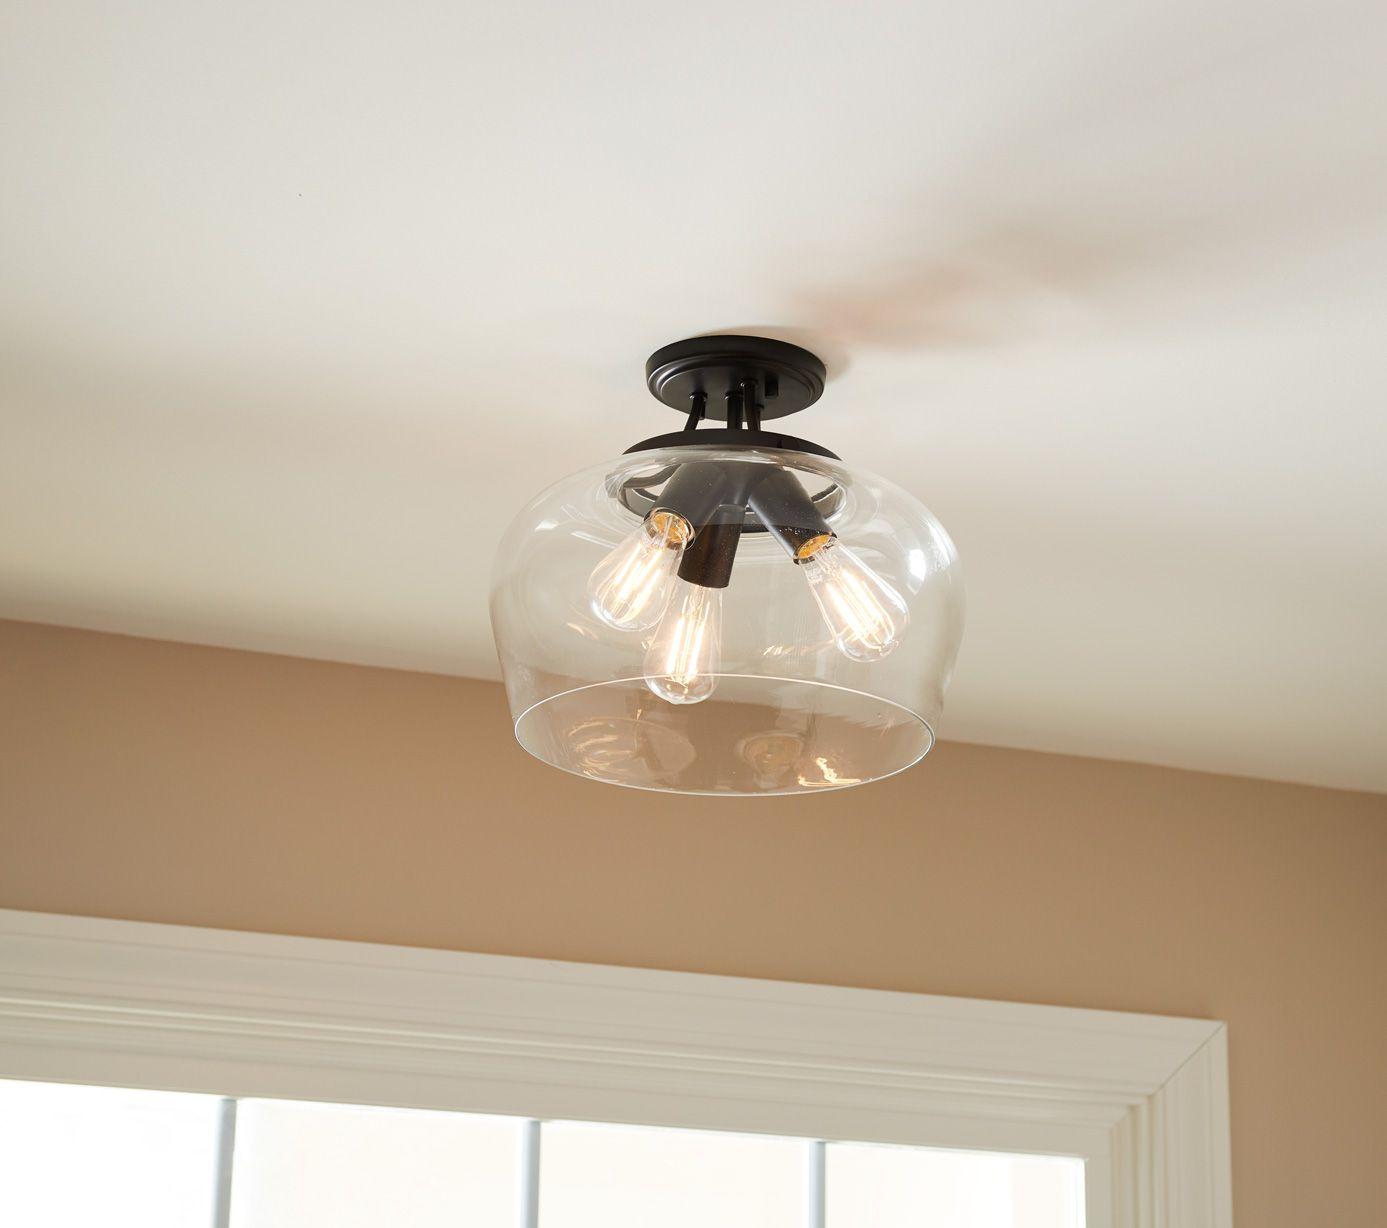 Savoy House Octave 3 Light Semi Flush Ceiling Light In Black In